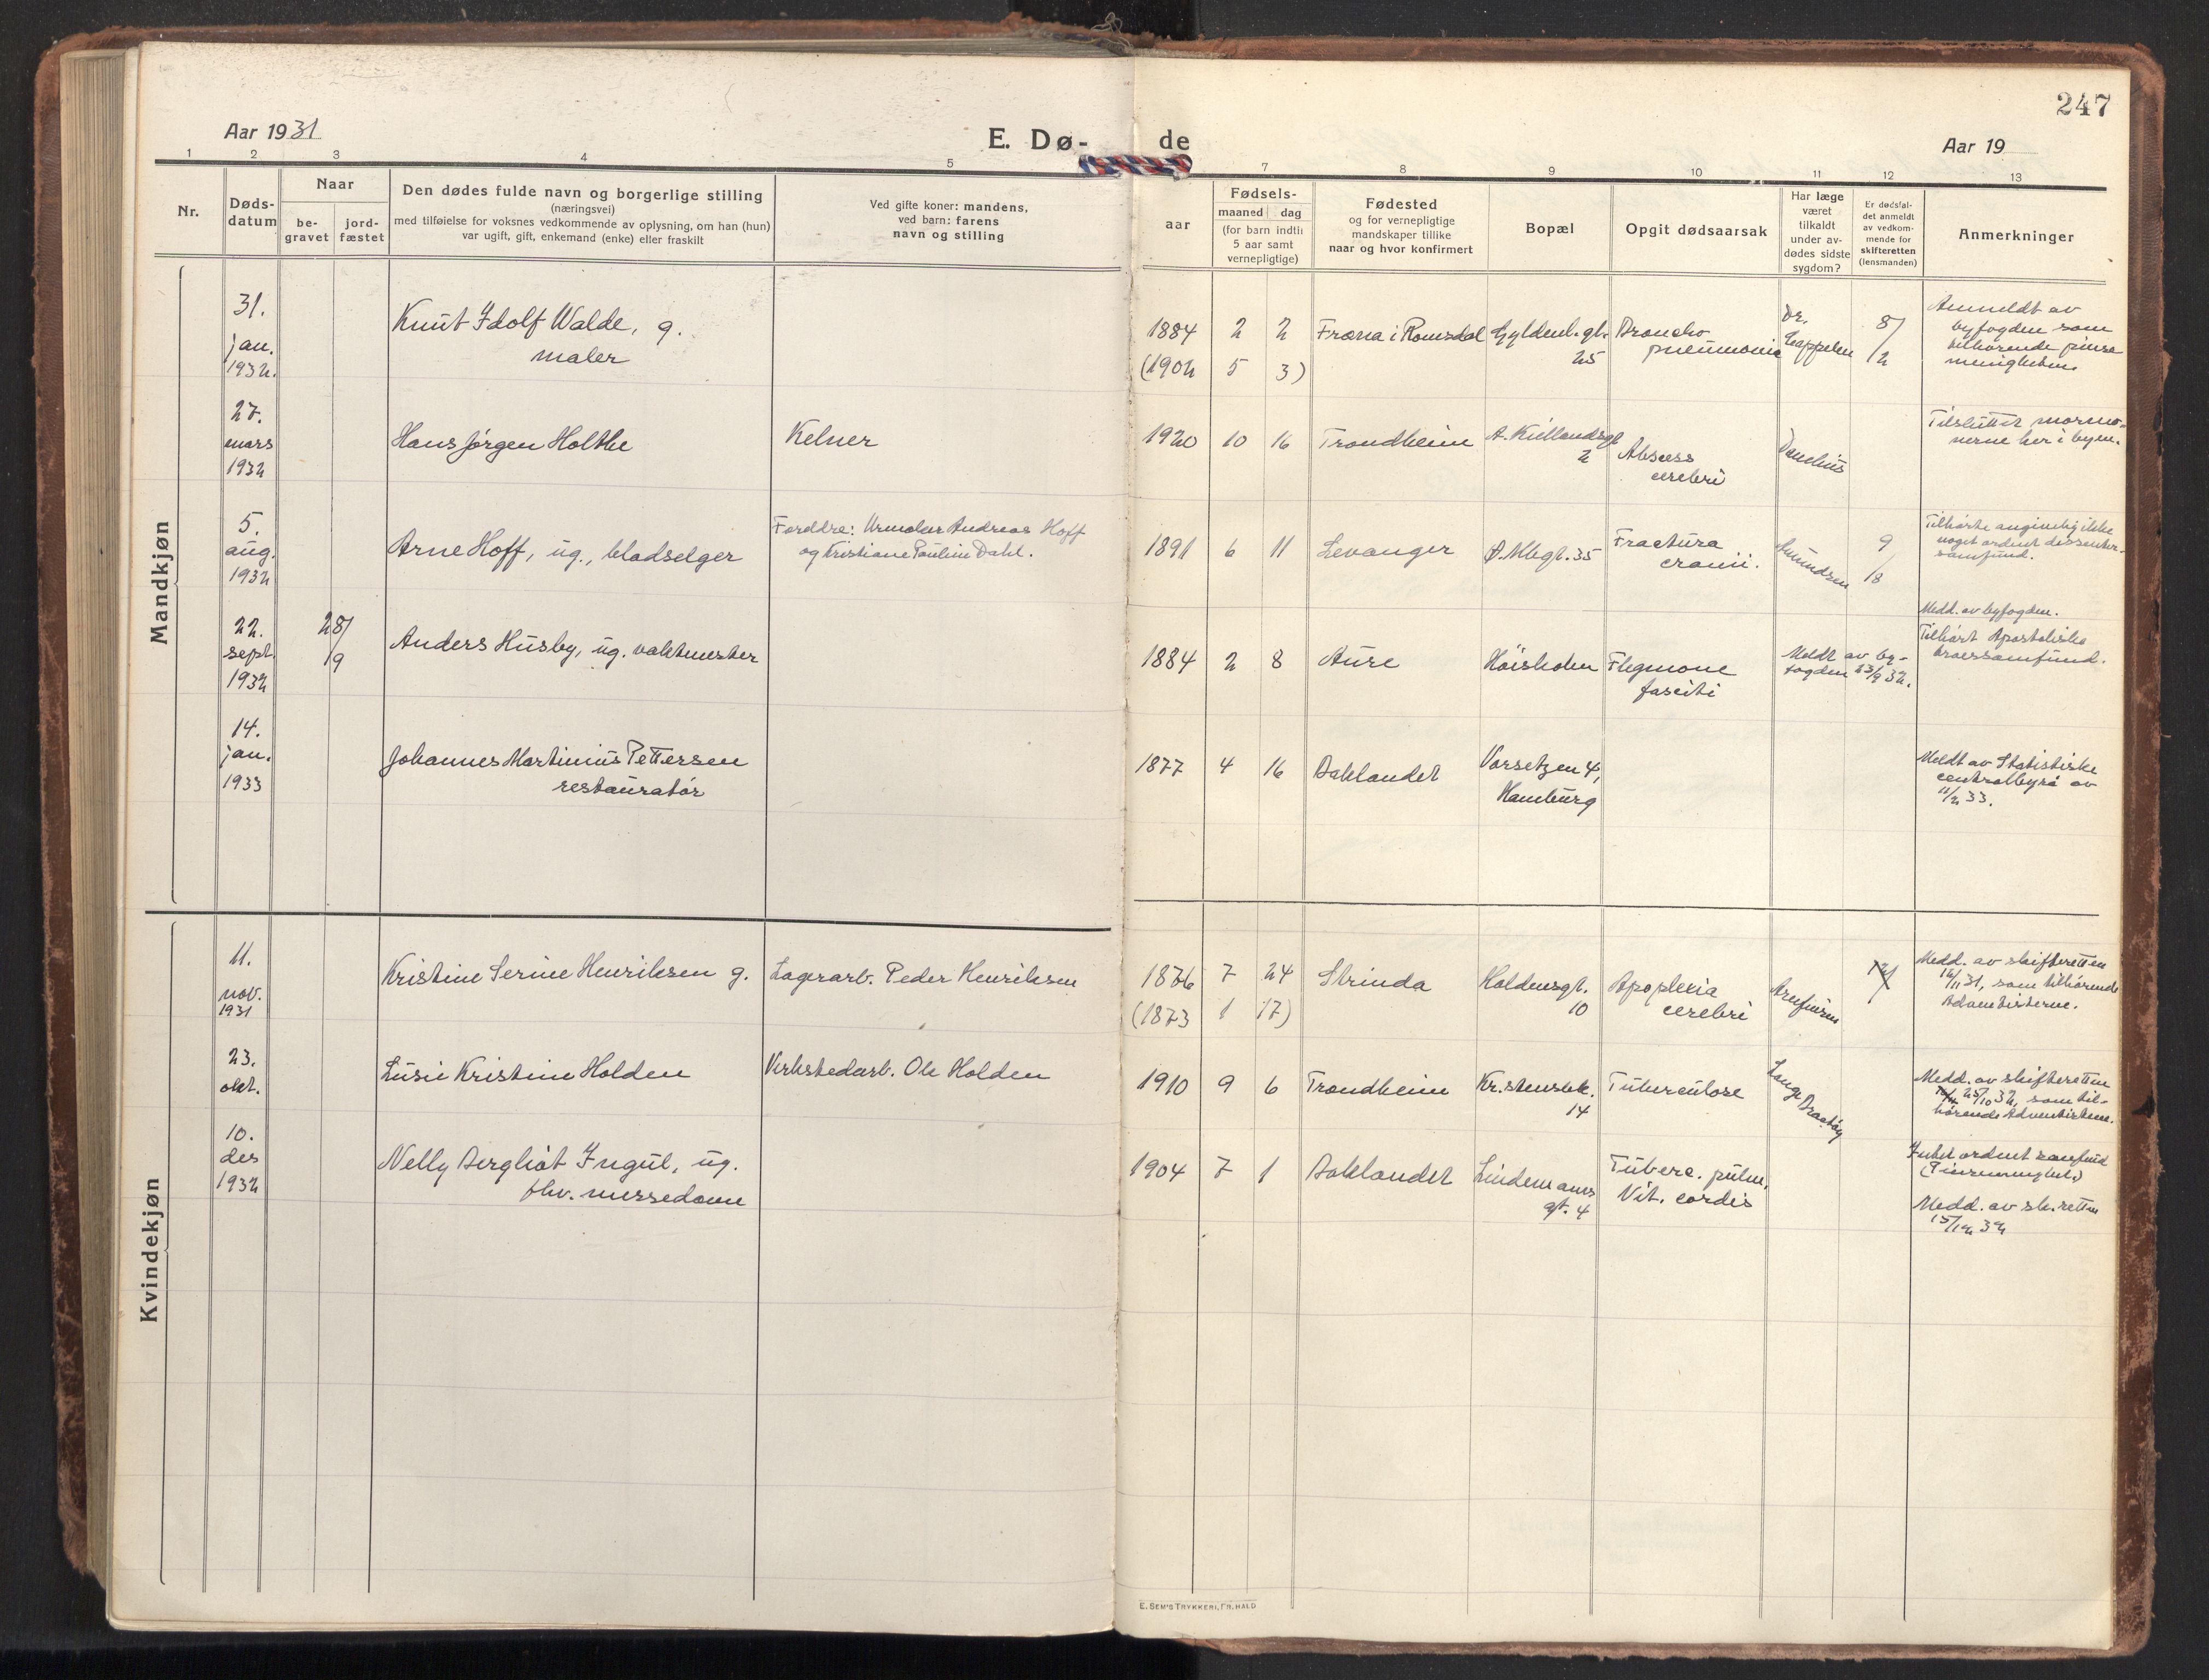 SAT, Ministerialprotokoller, klokkerbøker og fødselsregistre - Sør-Trøndelag, 604/L0207: Ministerialbok nr. 604A27, 1917-1933, s. 247